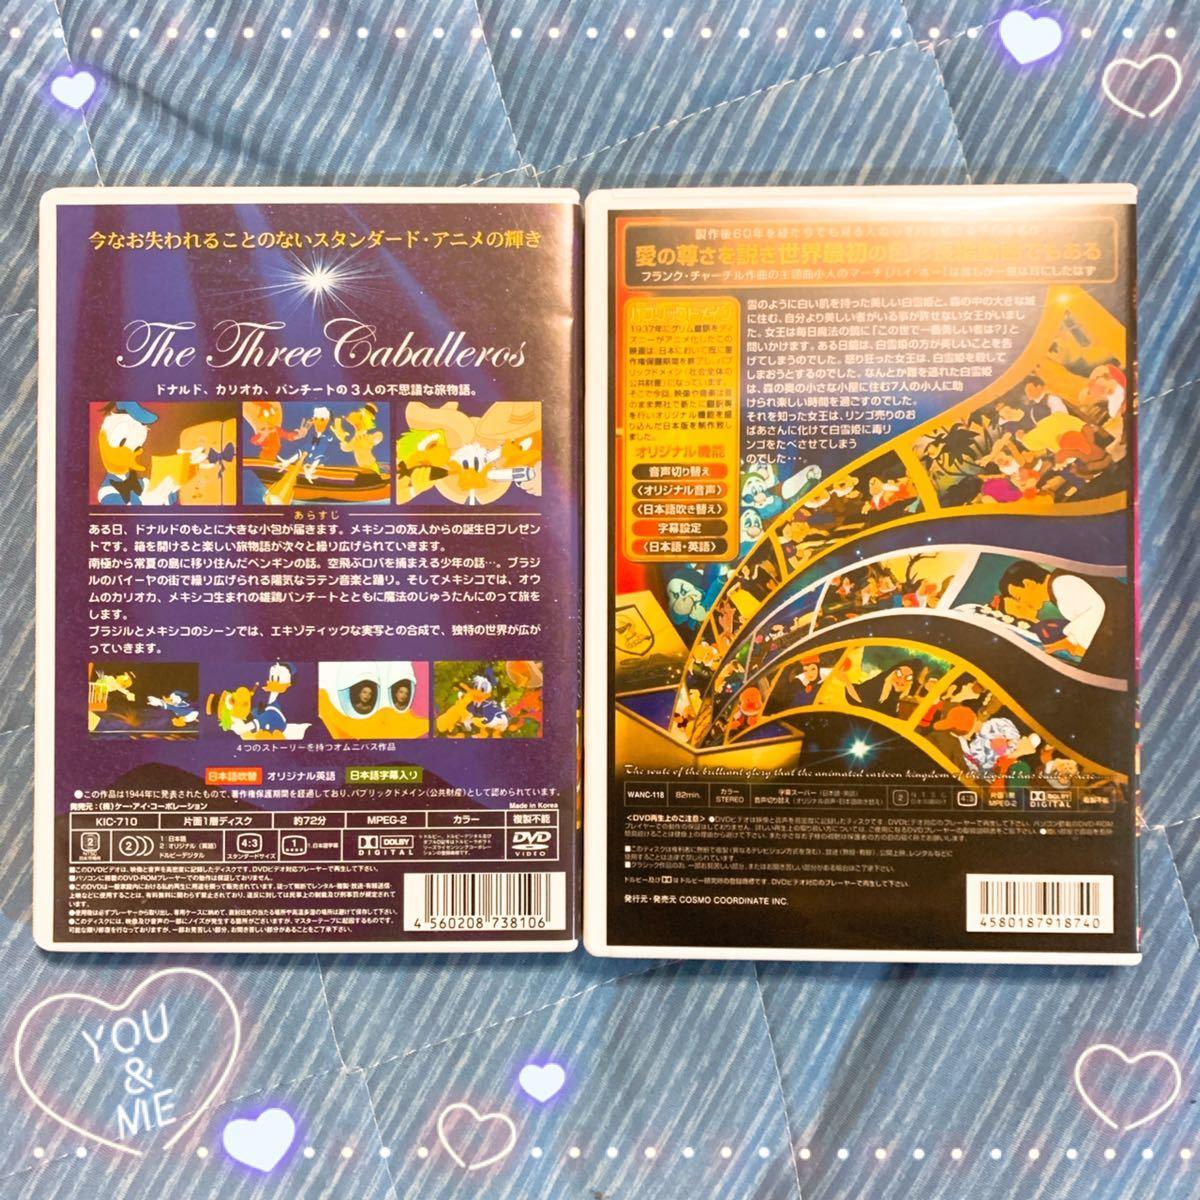 【 ディズニー 】DVD 2枚セット (白雪姫) (三人の騎士)